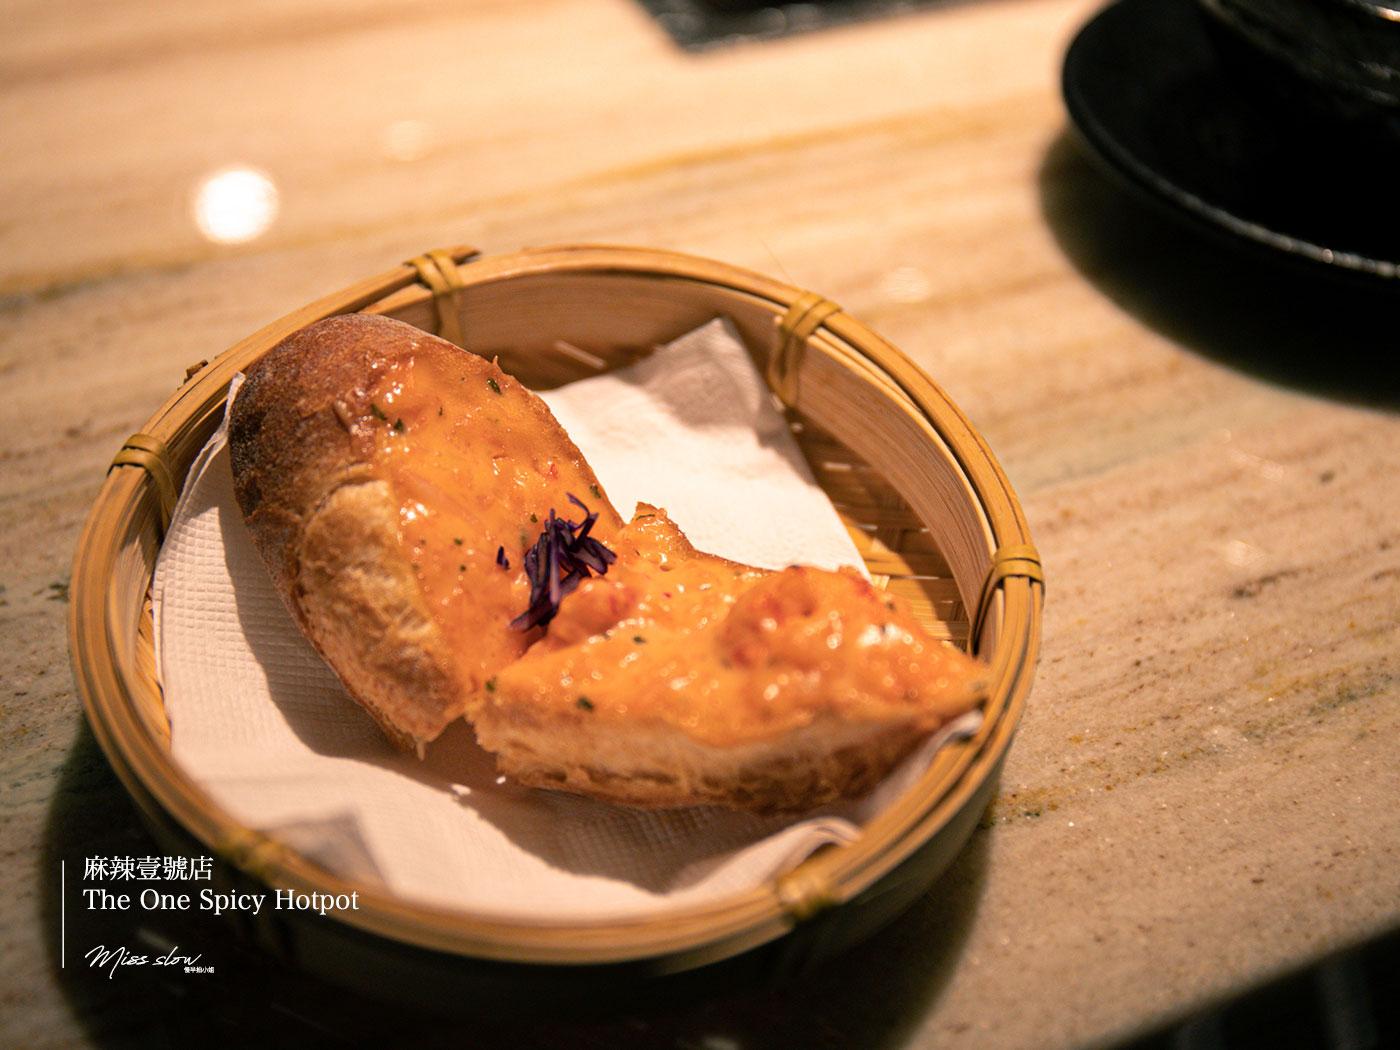 麻辣一號店前菜-法式麵包佐龍蝦沙拉